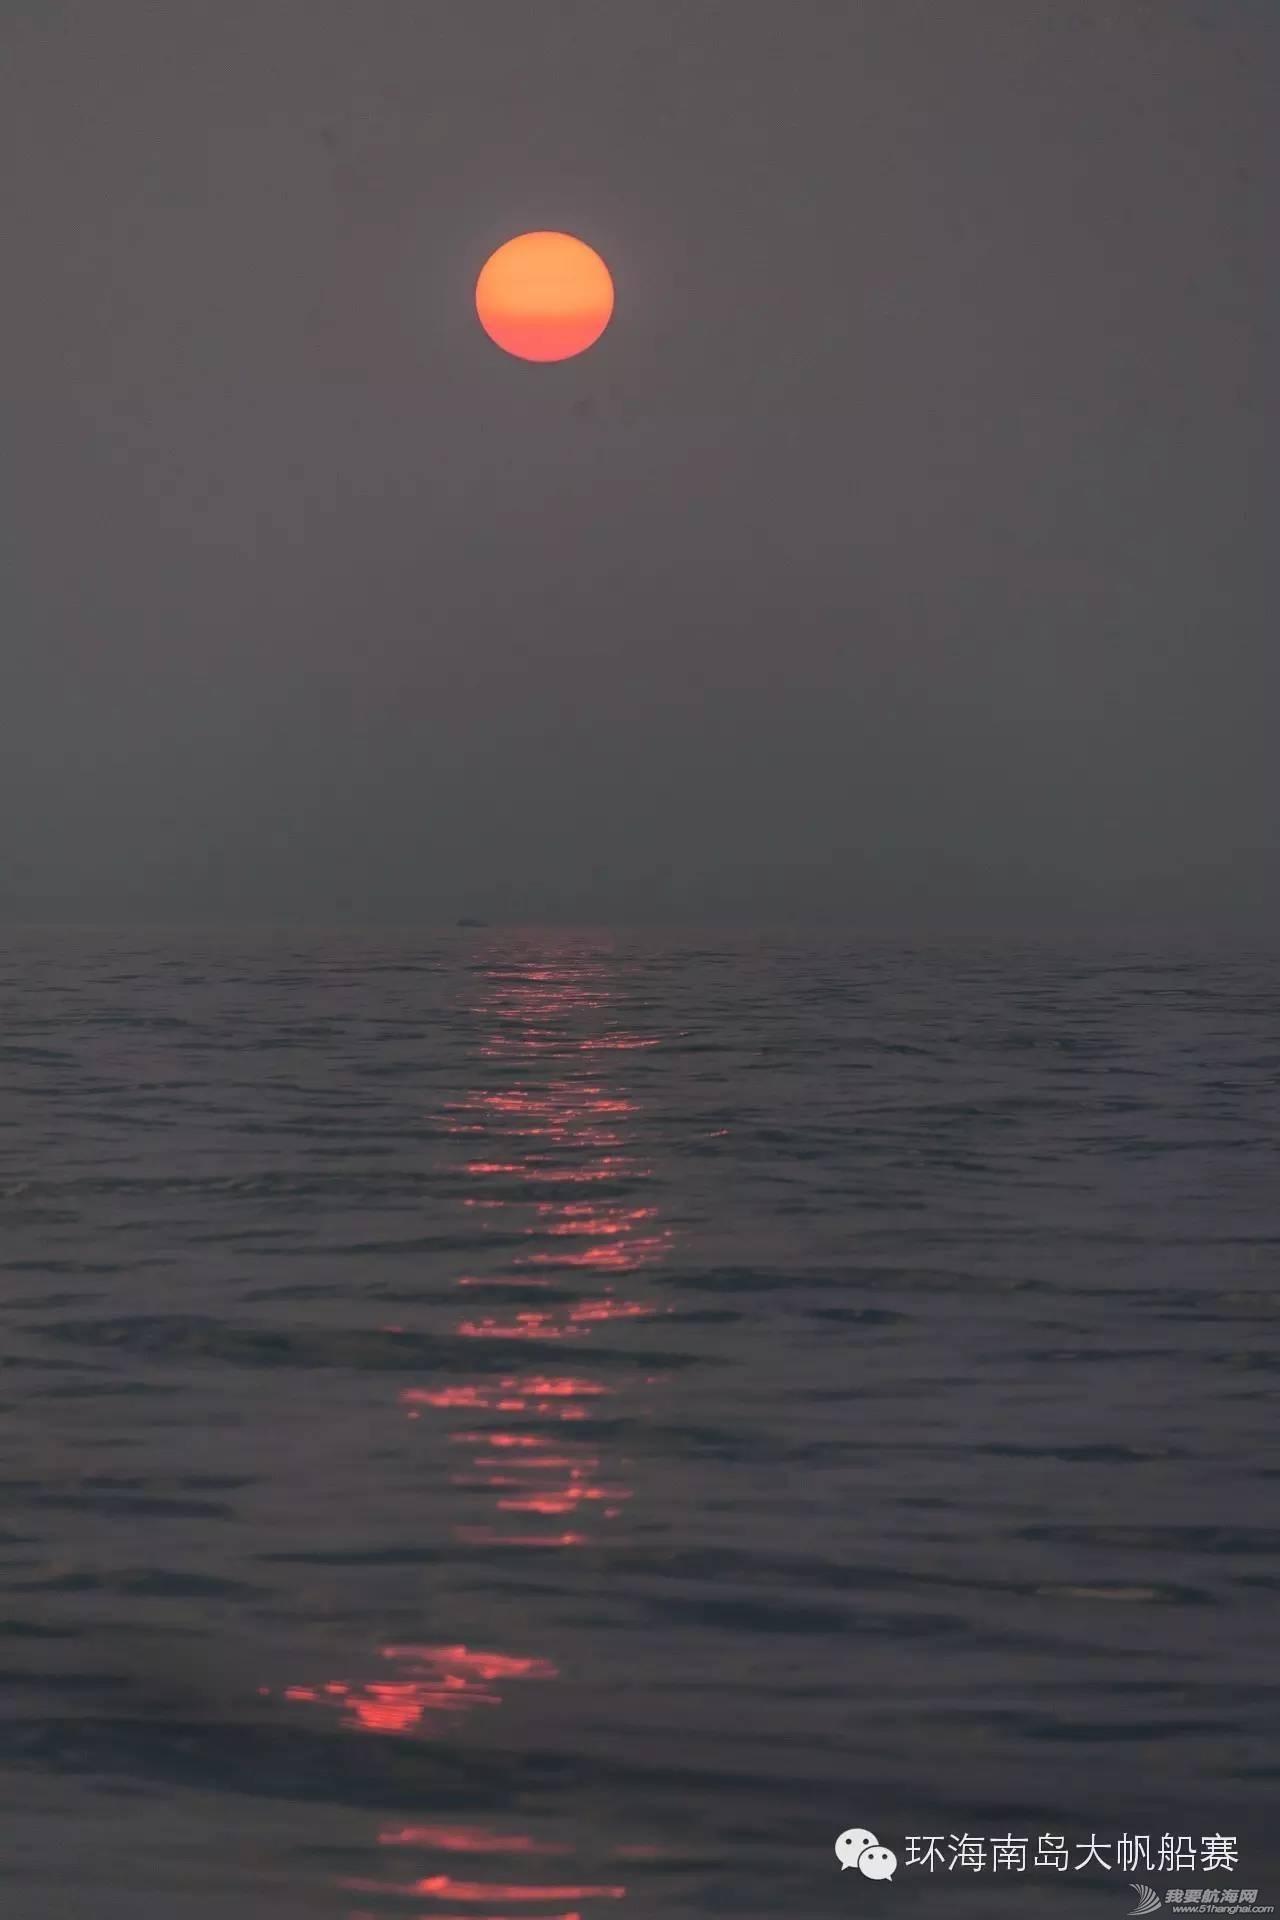 分界洲岛,落下帷幕,海南岛,拉力赛,石梅湾 随大都号船长王军去远航 5684d74560d0eed22eae2dcc48c21c62.jpg